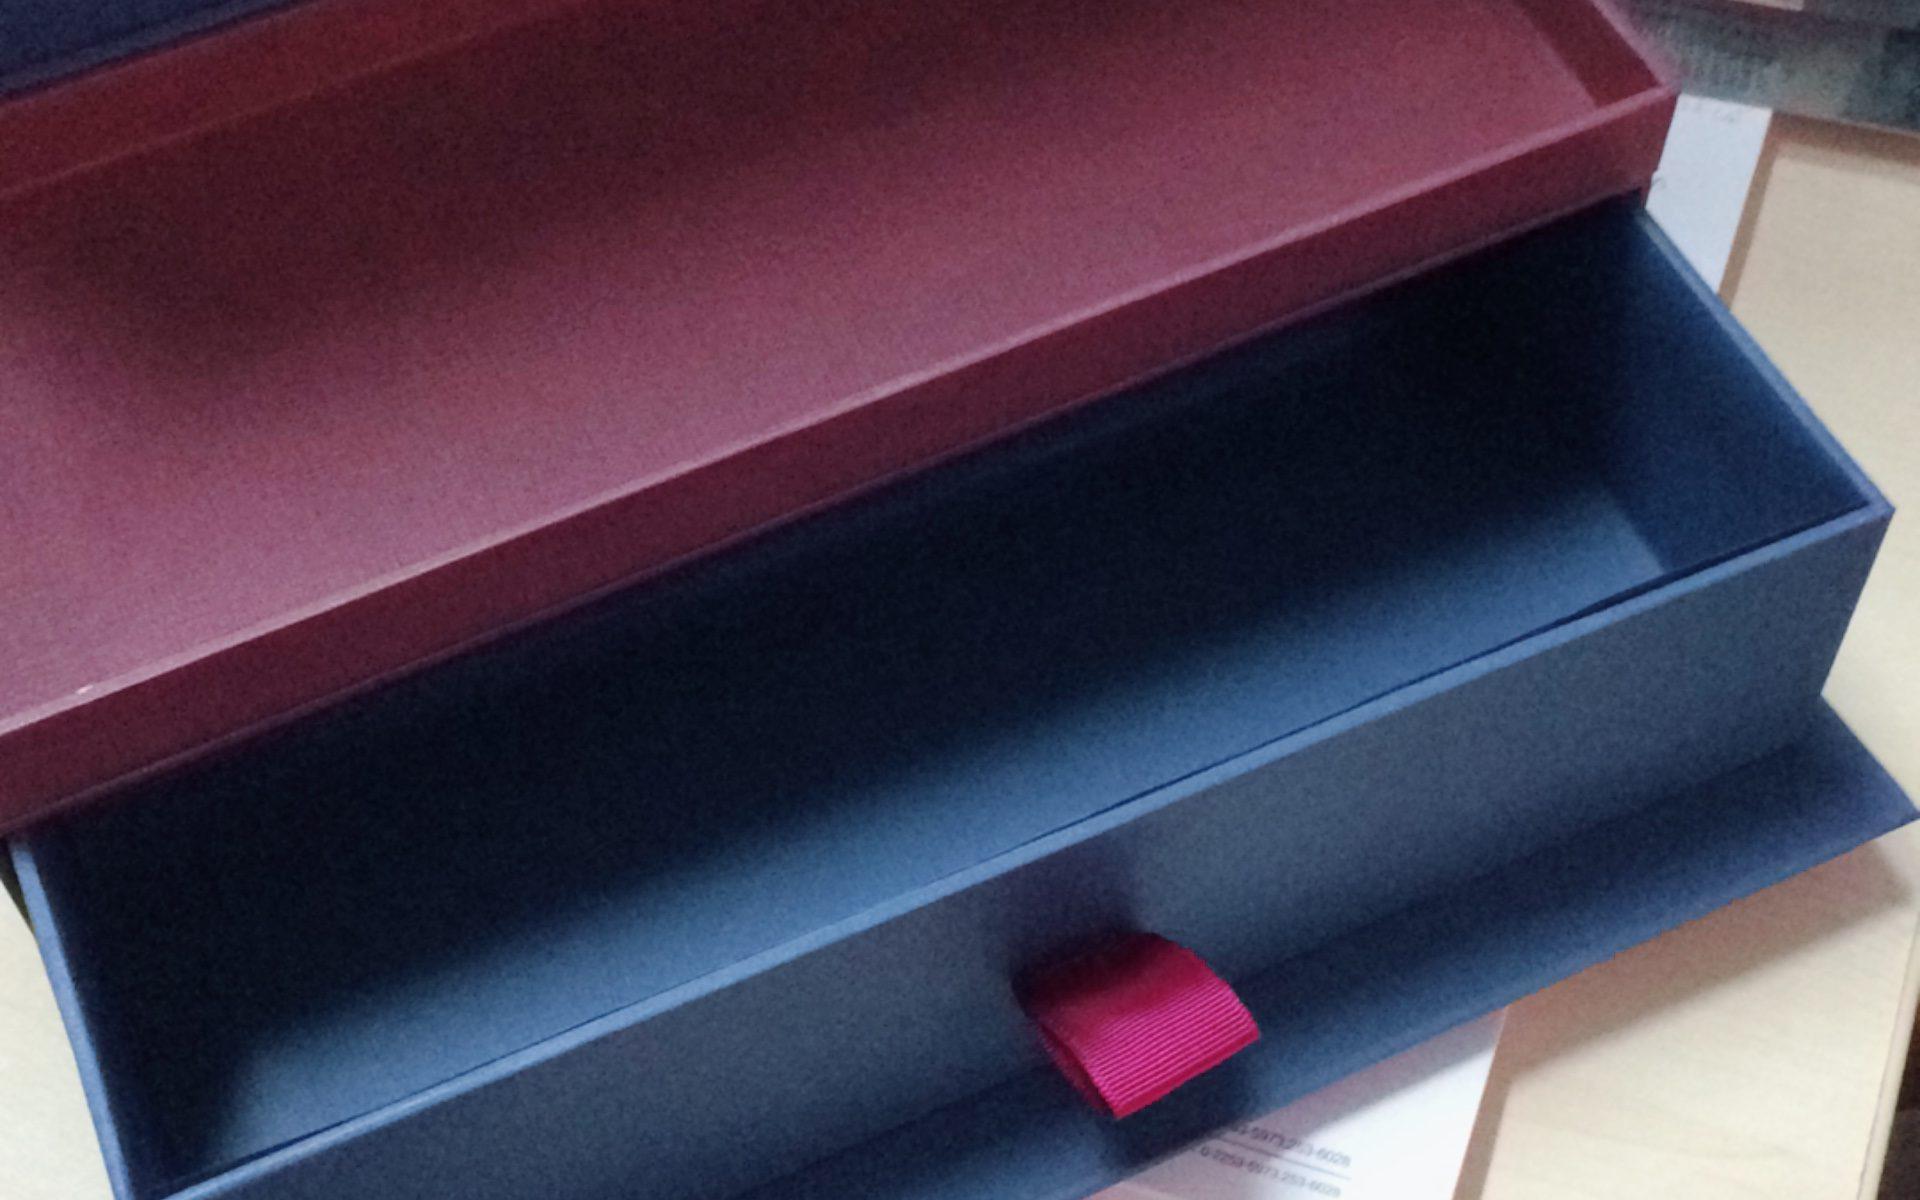 กล่องกระดาษแข็งจั่วปังรูปทรงลิ้นชัก